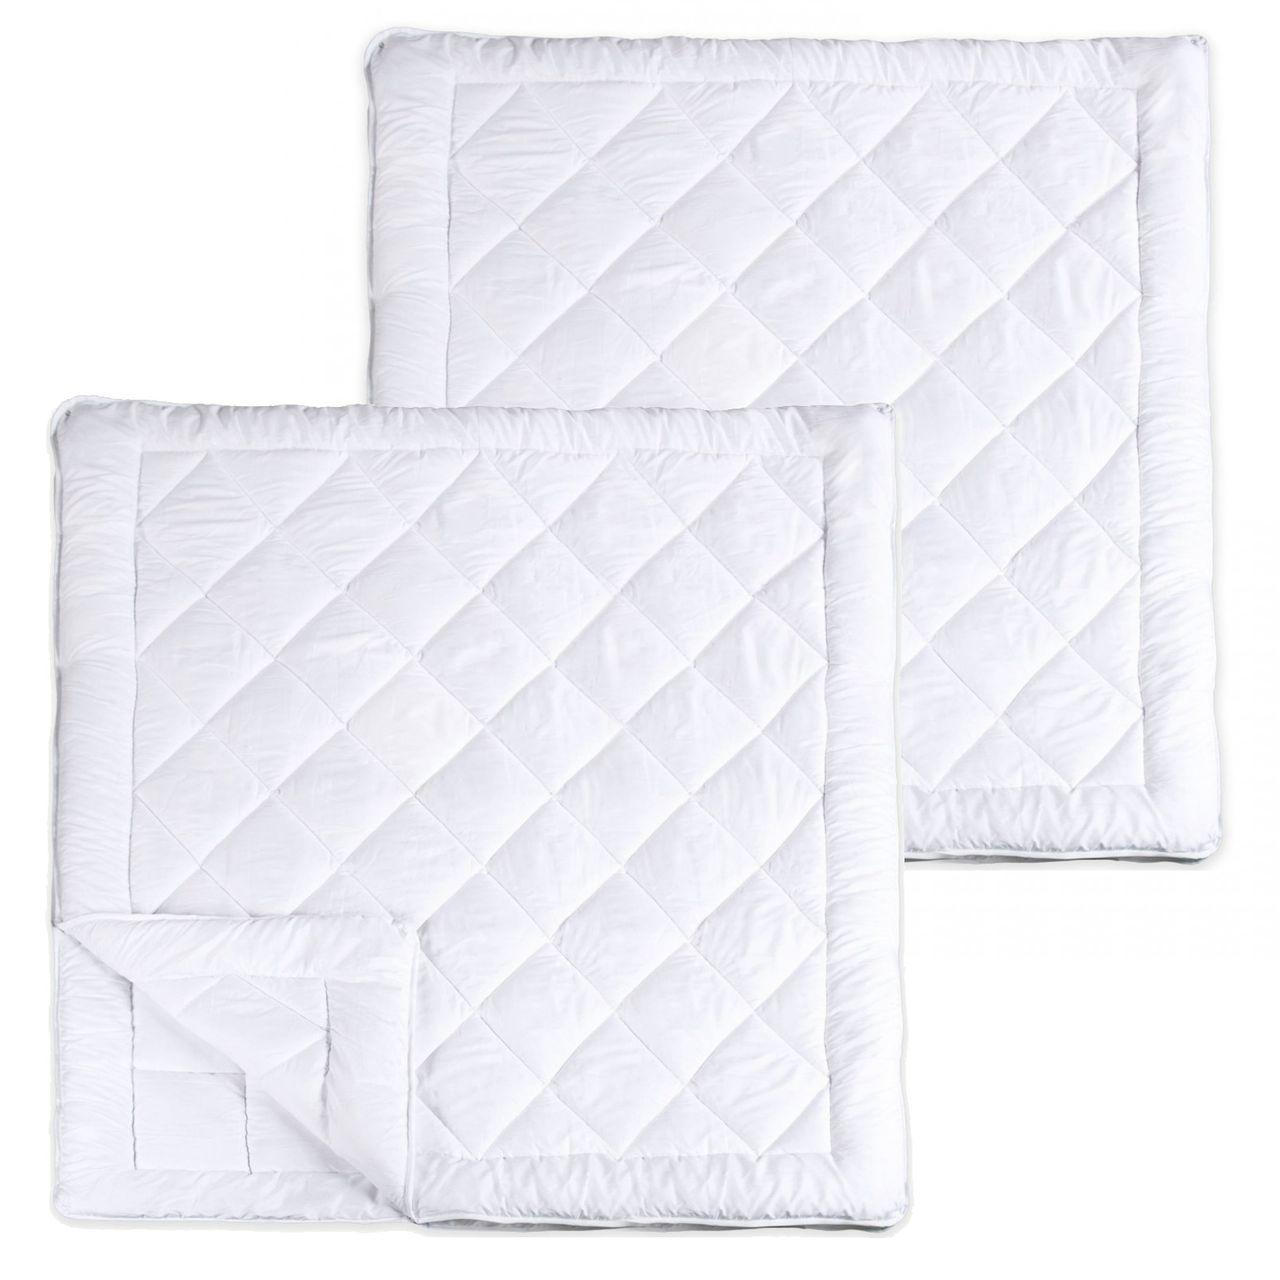 2 Stück XXL Vierjahreszeiten Steppbett Premium Steppdecke Allergiker Microfaser 200 x 200 cm